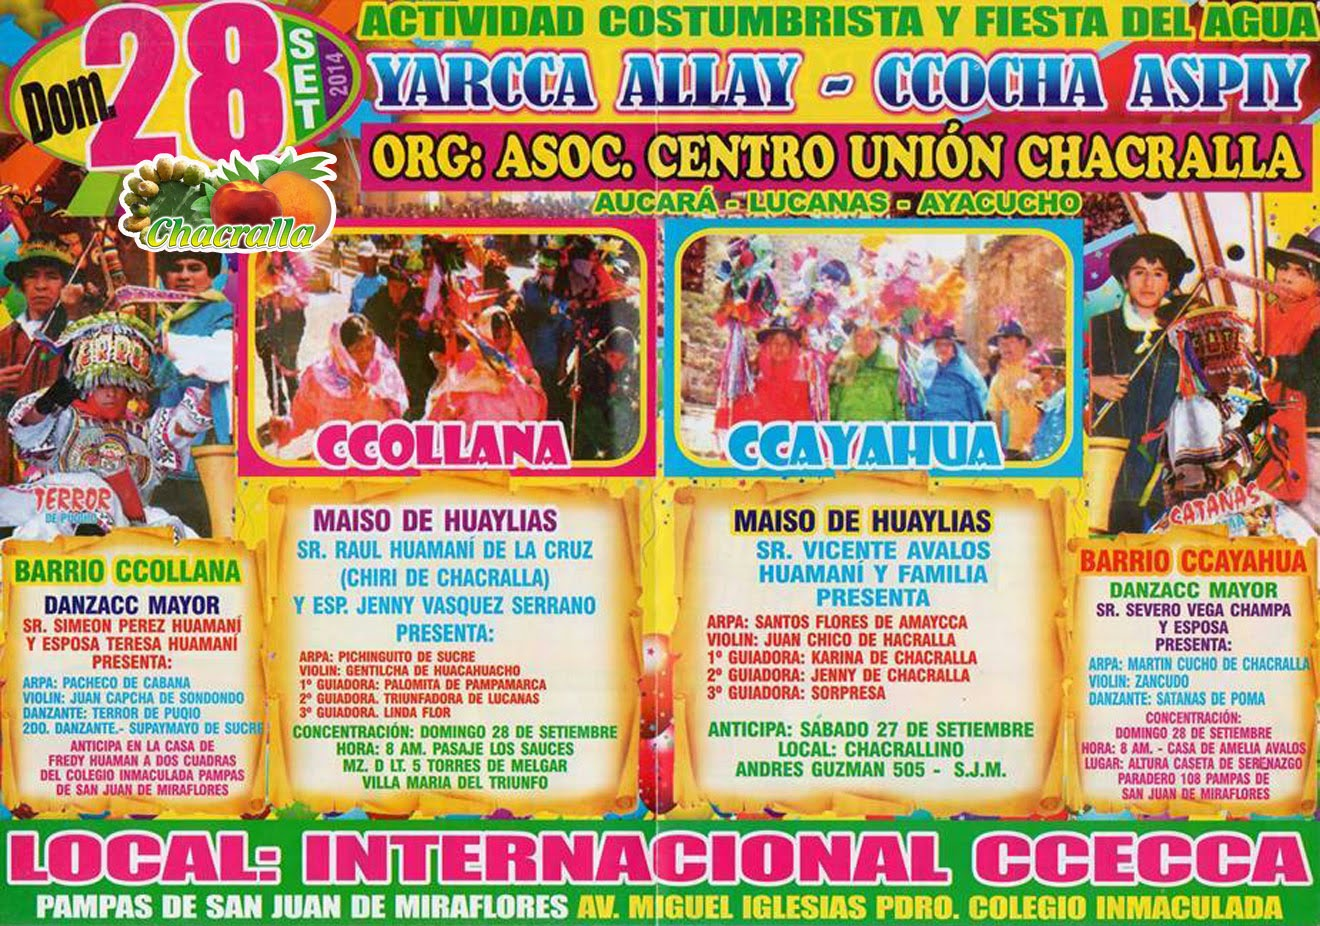 ACTIVIDAD COSTUMBRISTA DE CHACRALLA FIESTA DEL AGUA YARCCA ALLAY CCOCHA ASPIY 2014 EN LIMA